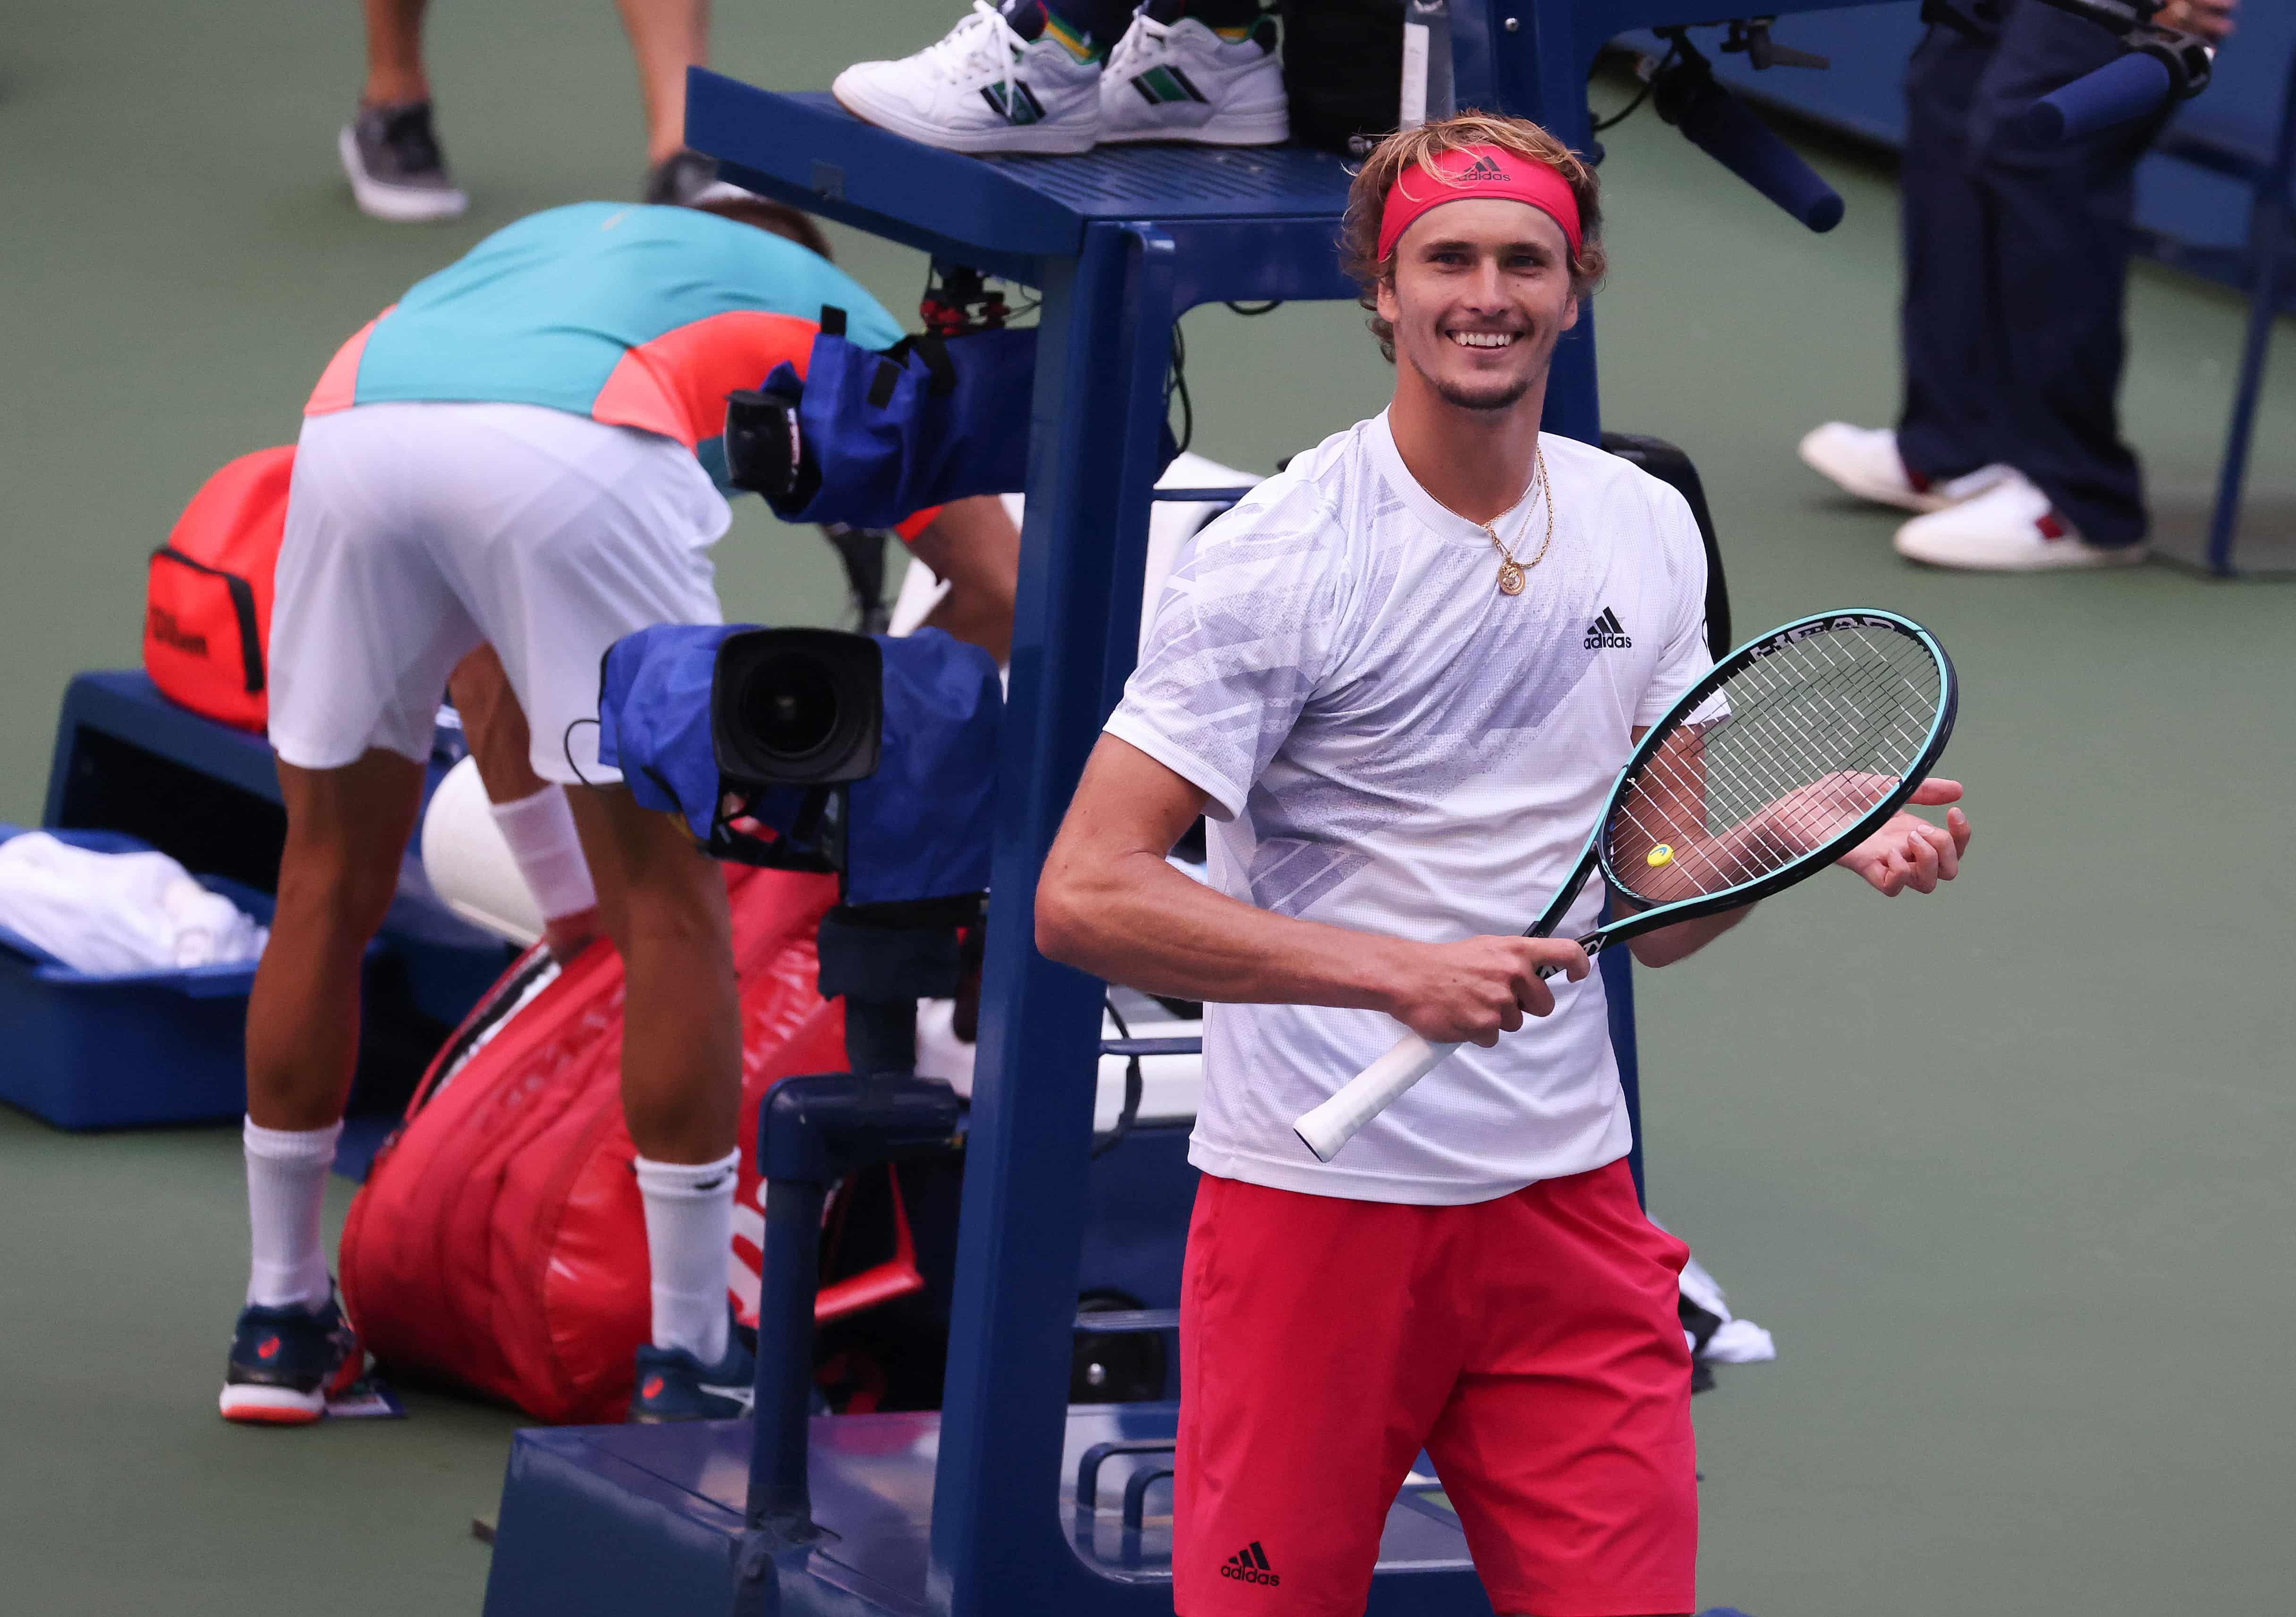 Zverev Gano Y Es El Primer Semifinalista Del Us Open Tyc Sports En 2020 Us Open Croata Novak Djokovic